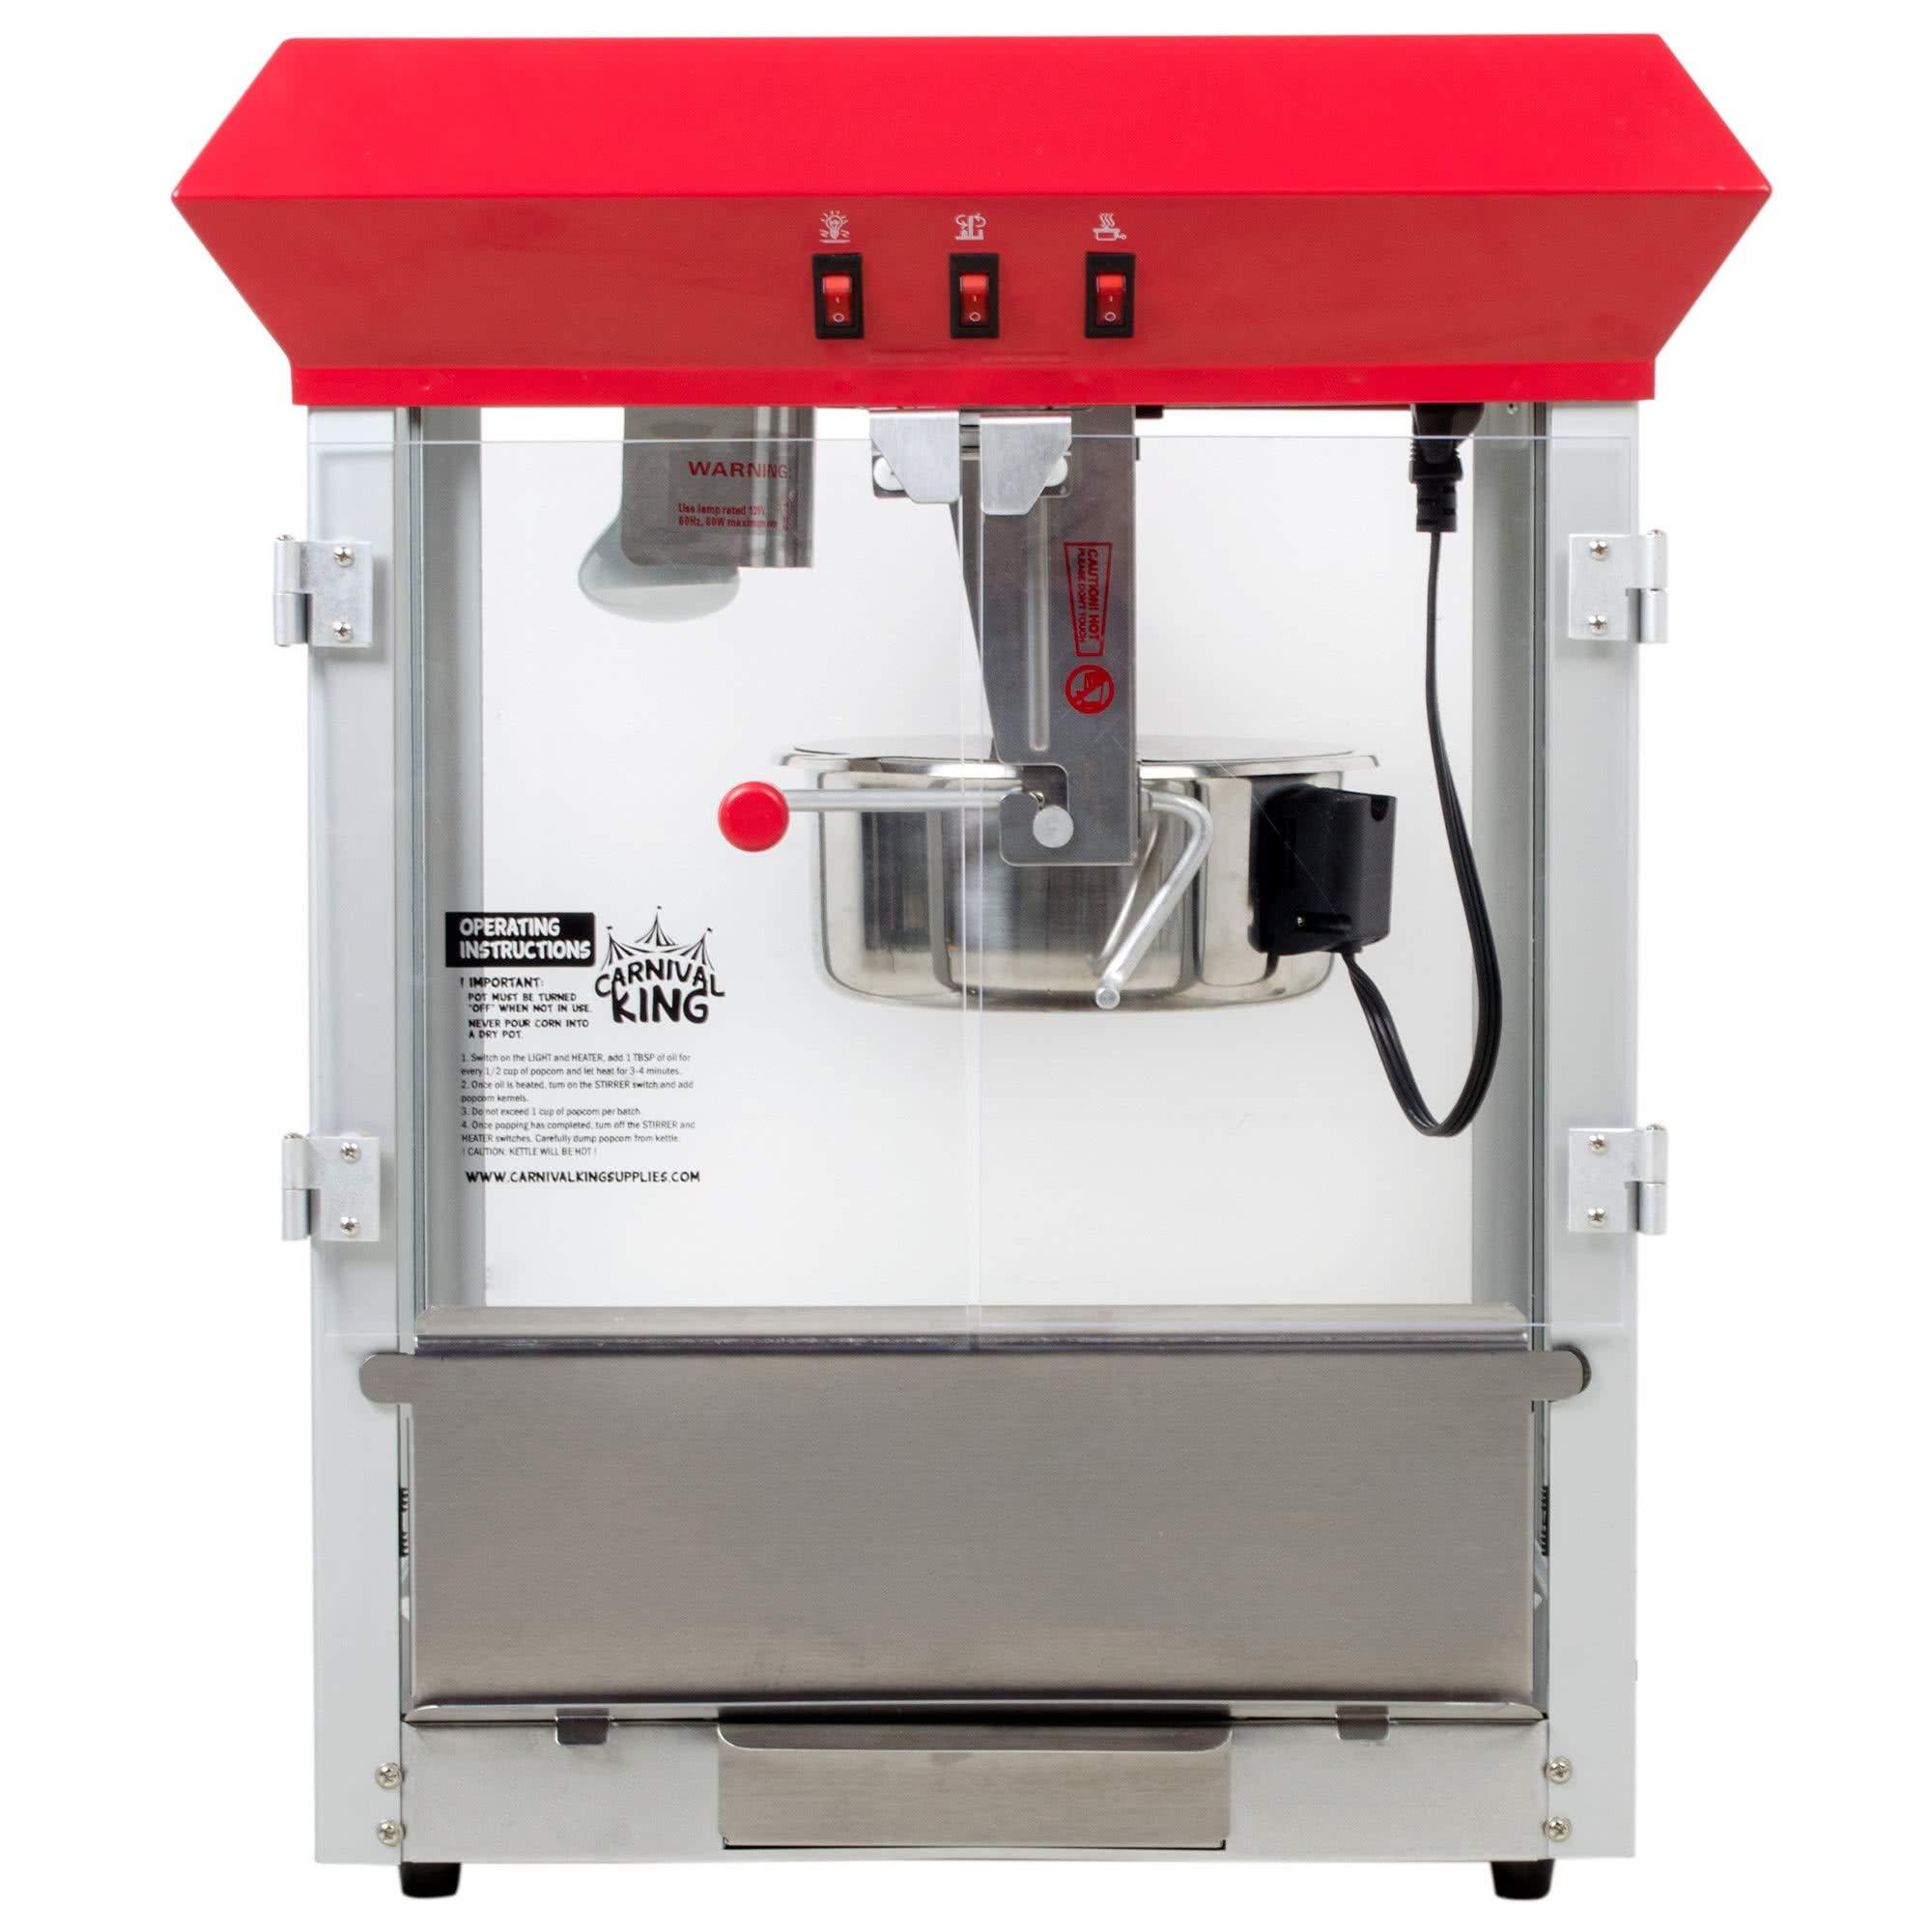 Carnival King PM850 8 oz. Popcorn Machine/Popper - 120V, 850W